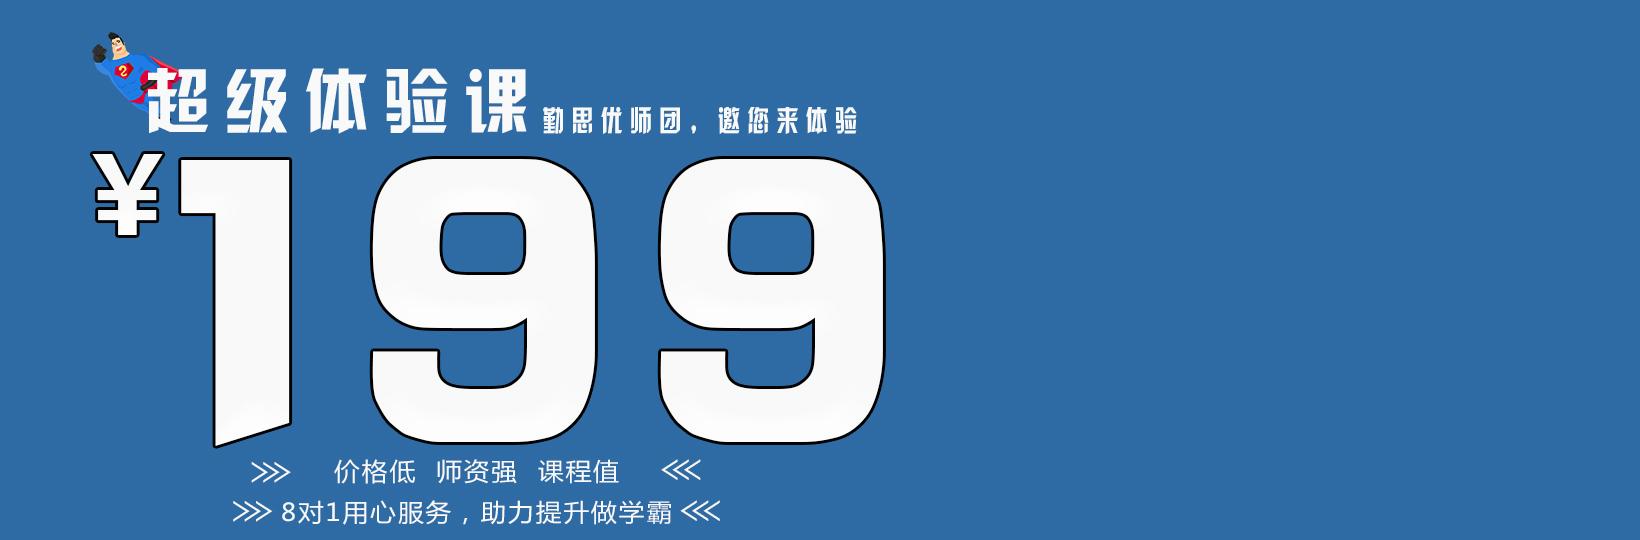 渝北校区·渝北区回兴双湖路木鱼石花园(一中寄宿学校对面)